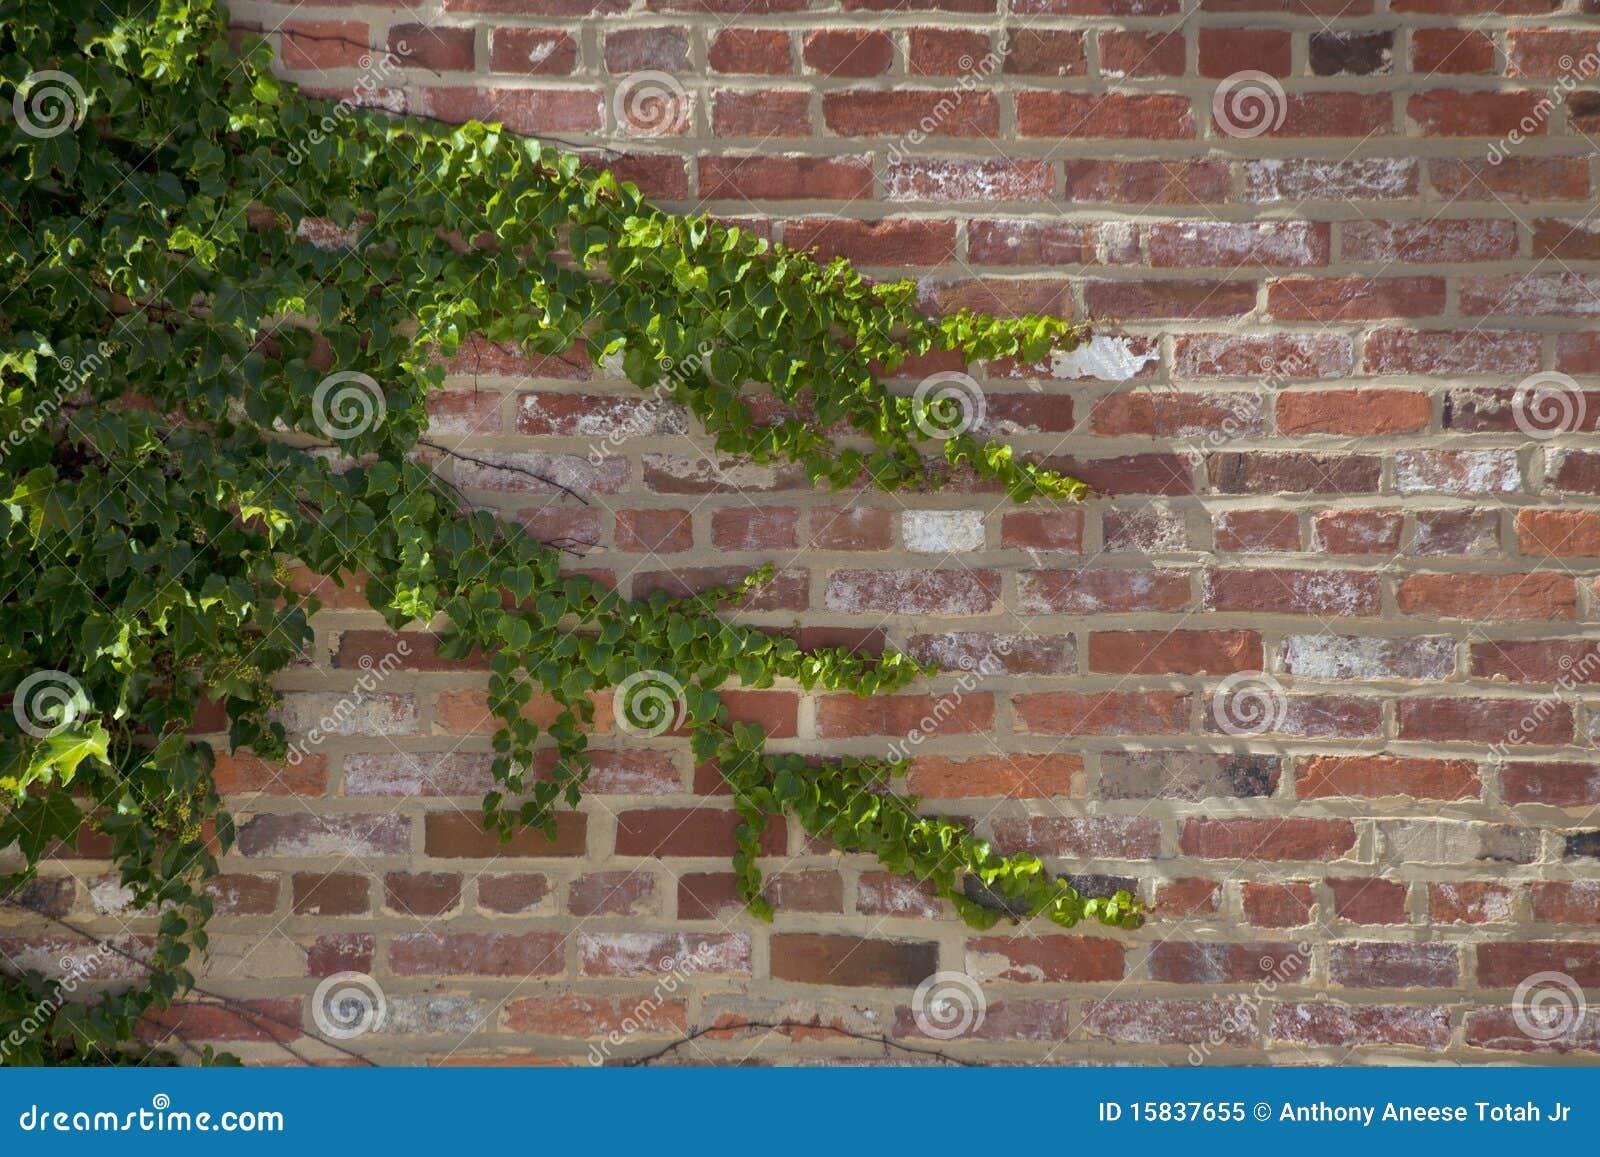 Klimop op een bakstenen muur